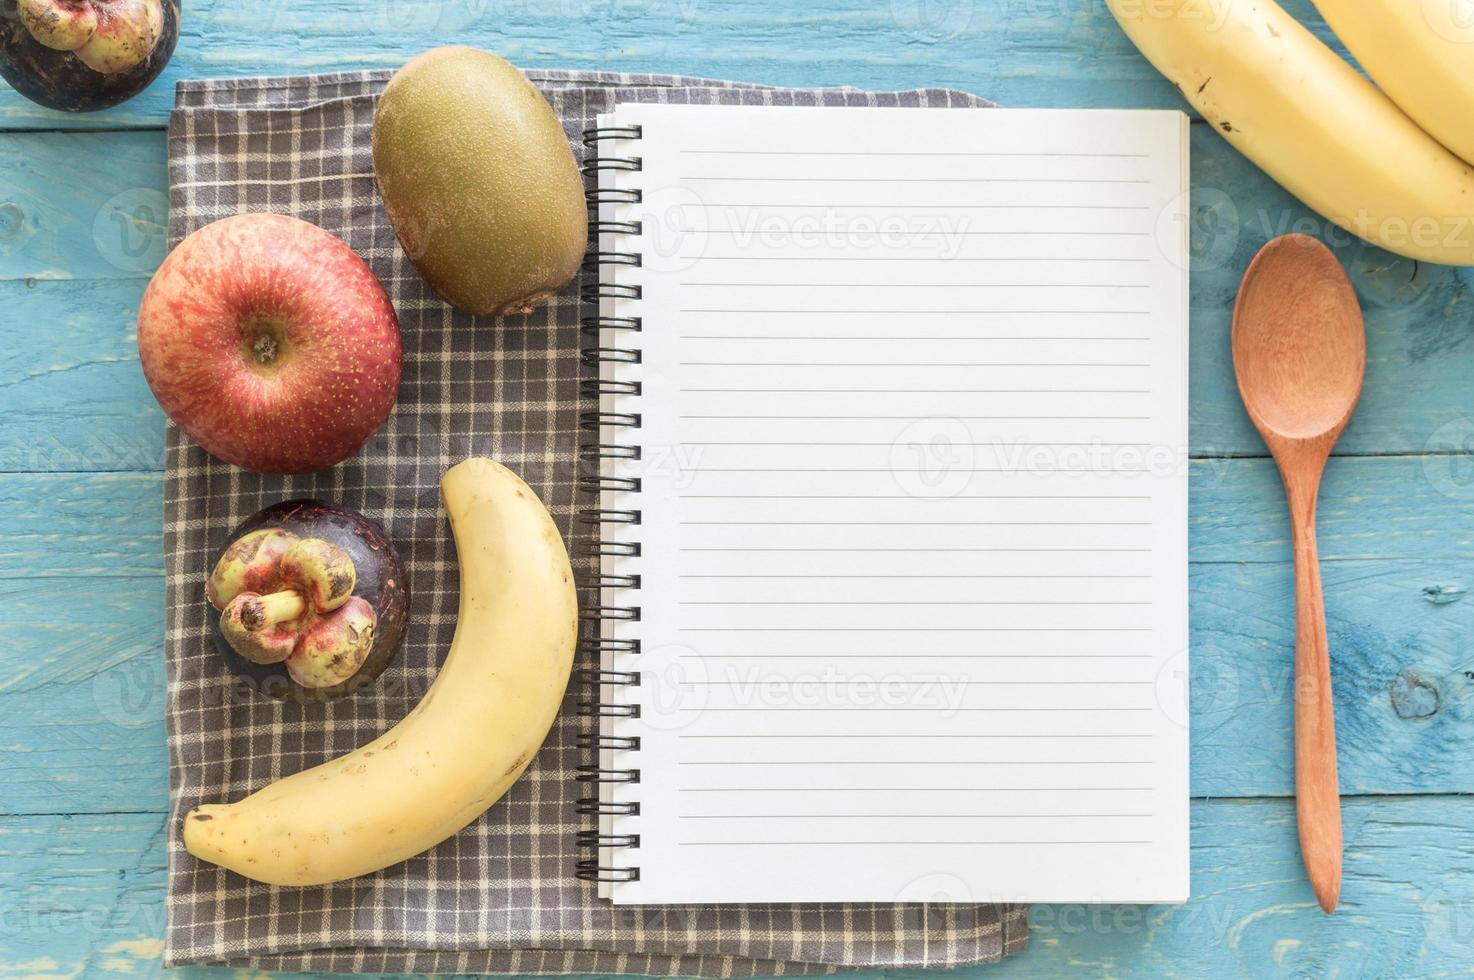 receptenboek met fruit op houten achtergrond foto